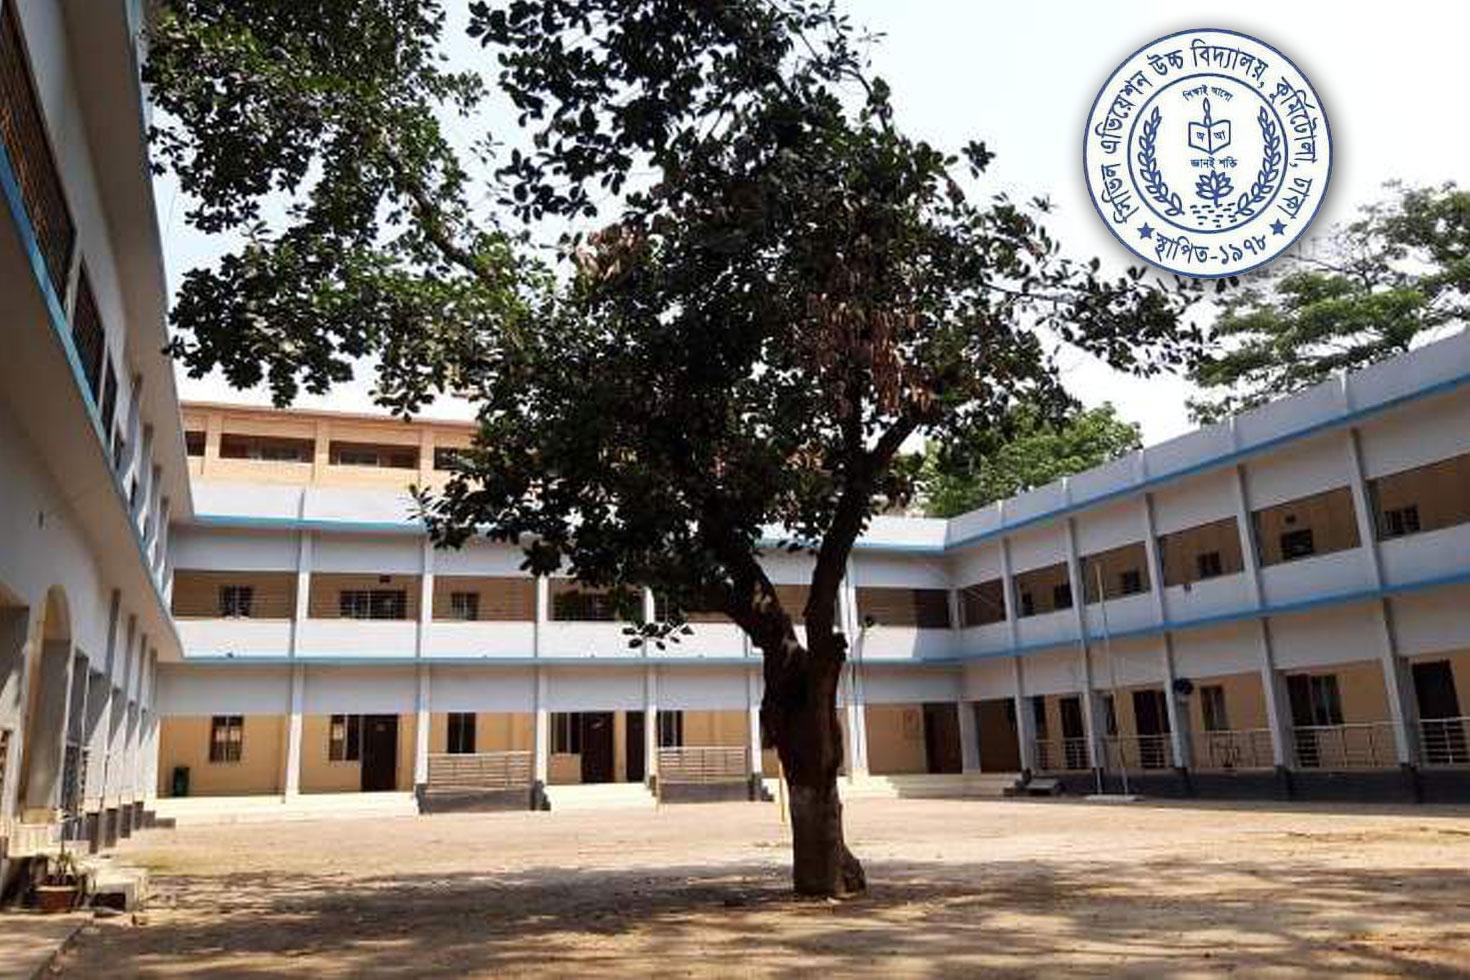 শিক্ষক-শিক্ষিকা নিচ্ছে সিভিল এভিয়েশন উচ্চ বিদ্যালয়